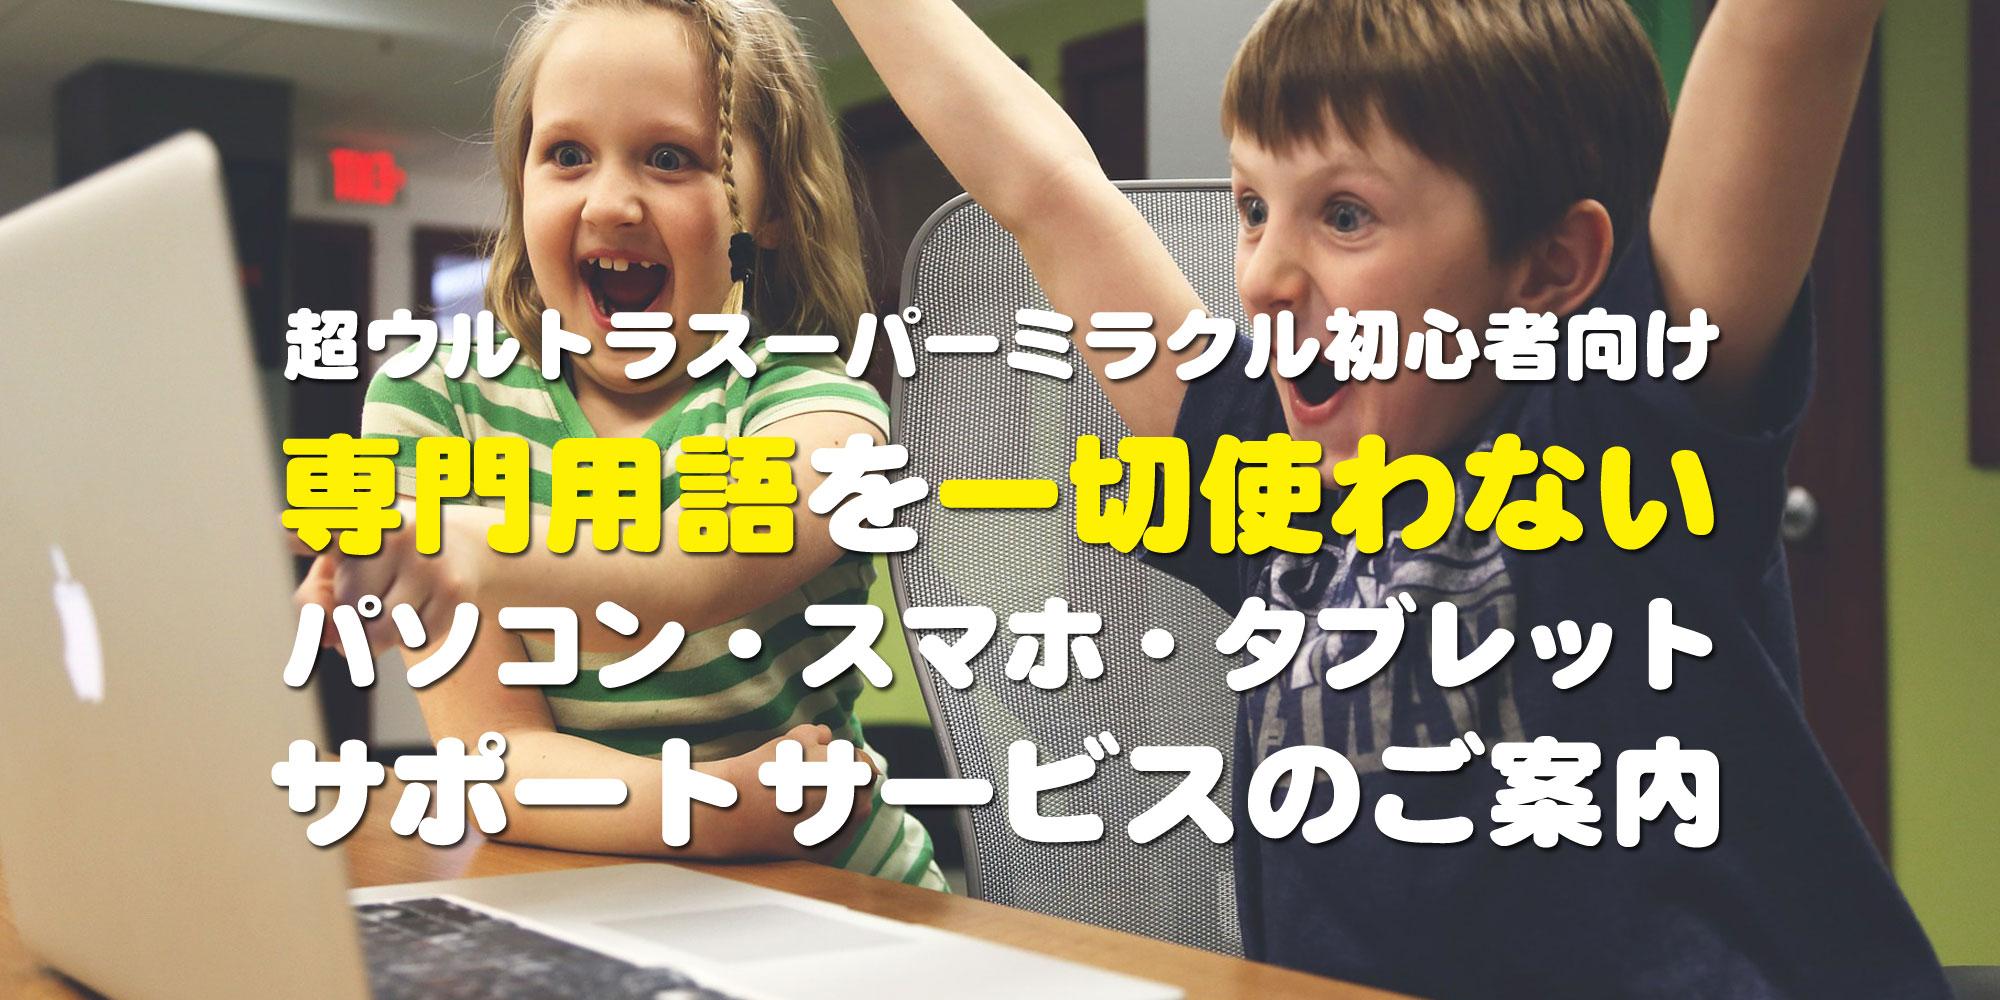 超初心者向けパソコン・スマホ・タブレットサポートサービス